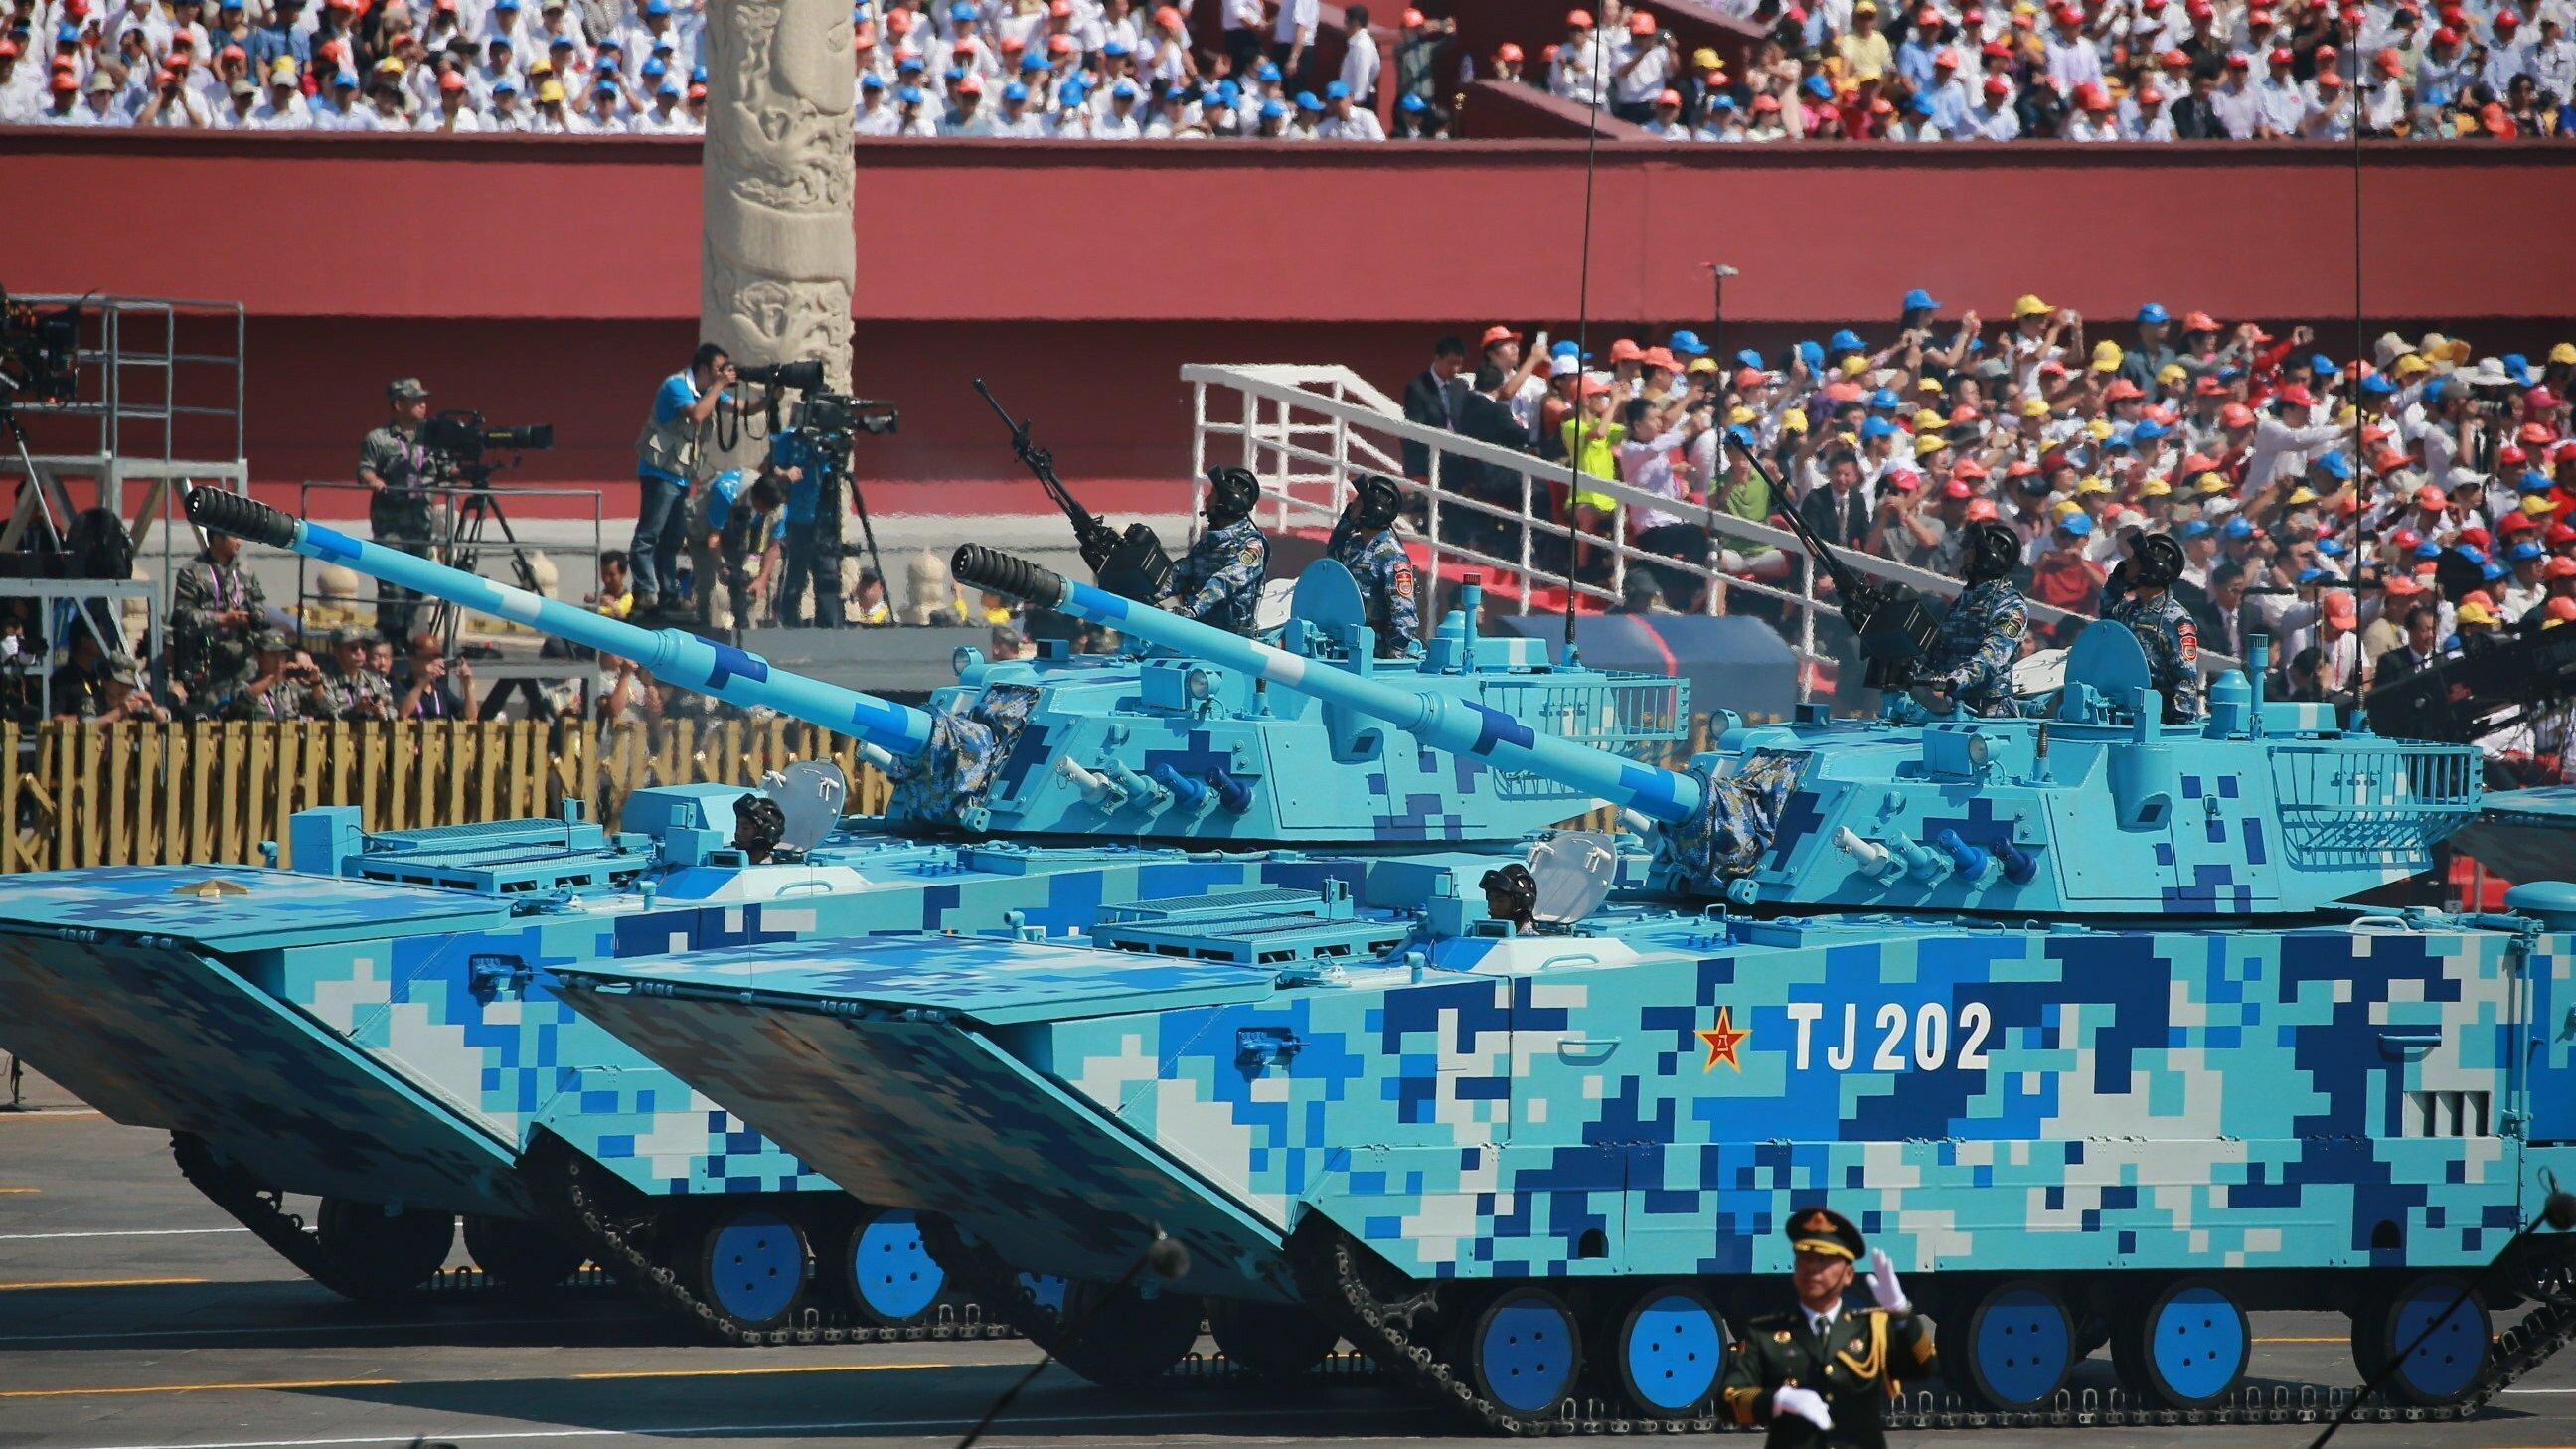 Zwei Panzer bei einer Militärparade, die nicht wie üblich grün, sondern in einem blauen Tarnmuster angestrichen sind.